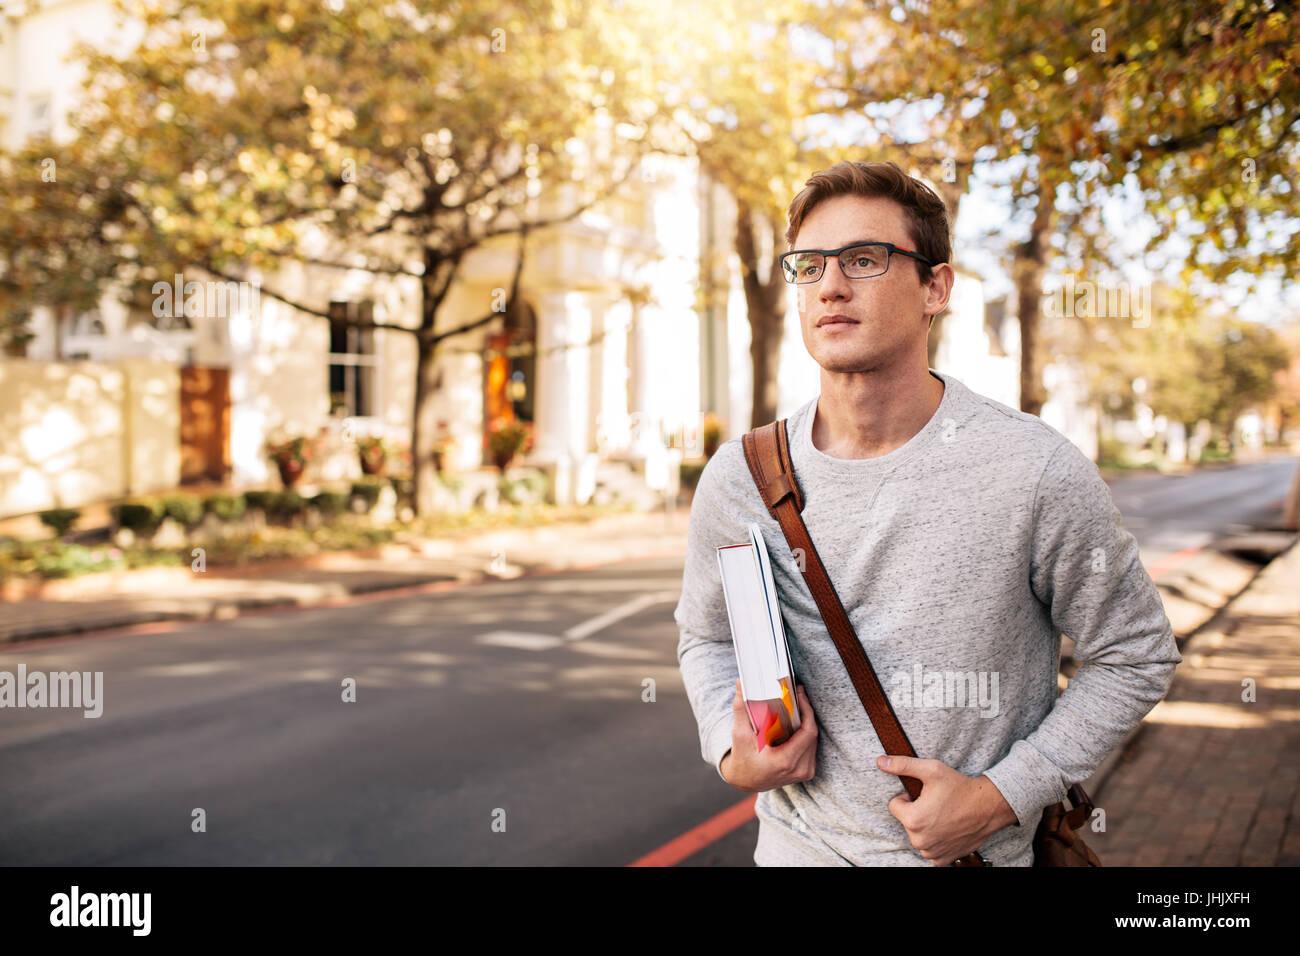 Kaukasische männliche Schüler mit Buch draußen auf der Straße. Hübscher junger Mann geht Stockbild